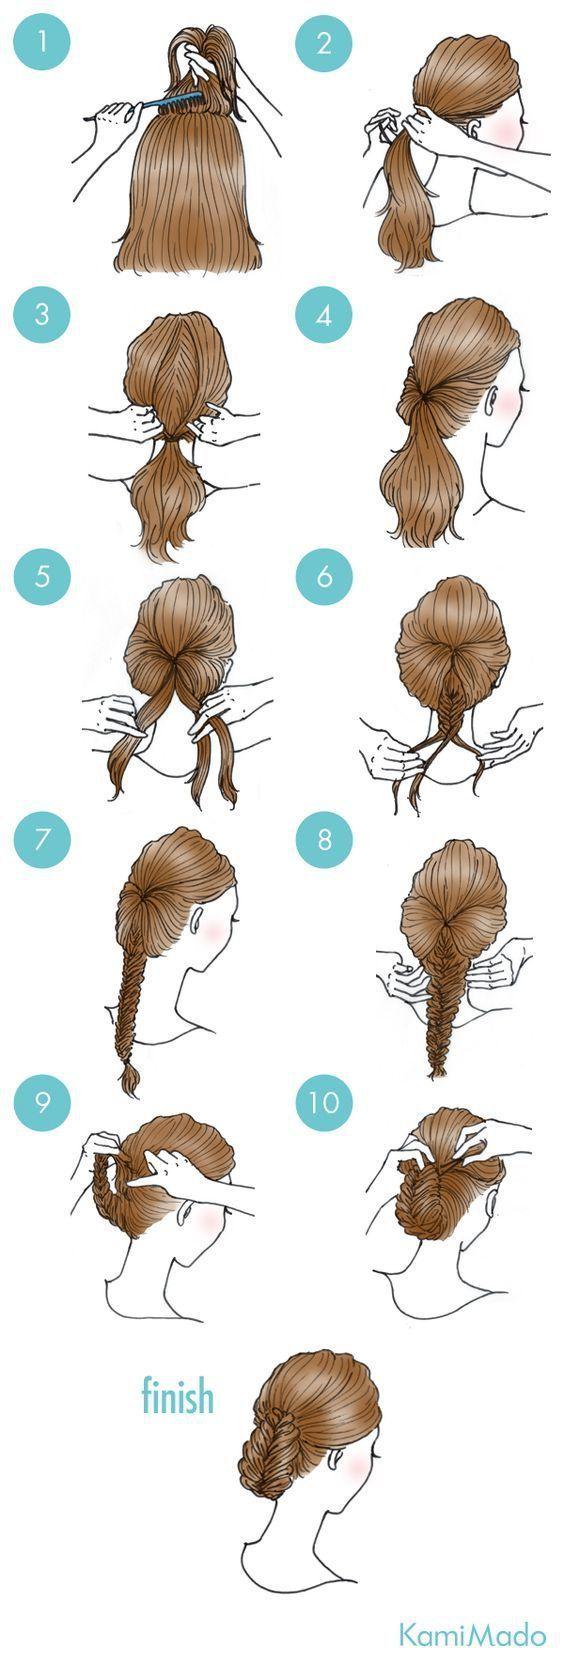 Tolle und einfache Frisur für den Alltag. #simple #hairstyles #frisuren #illust